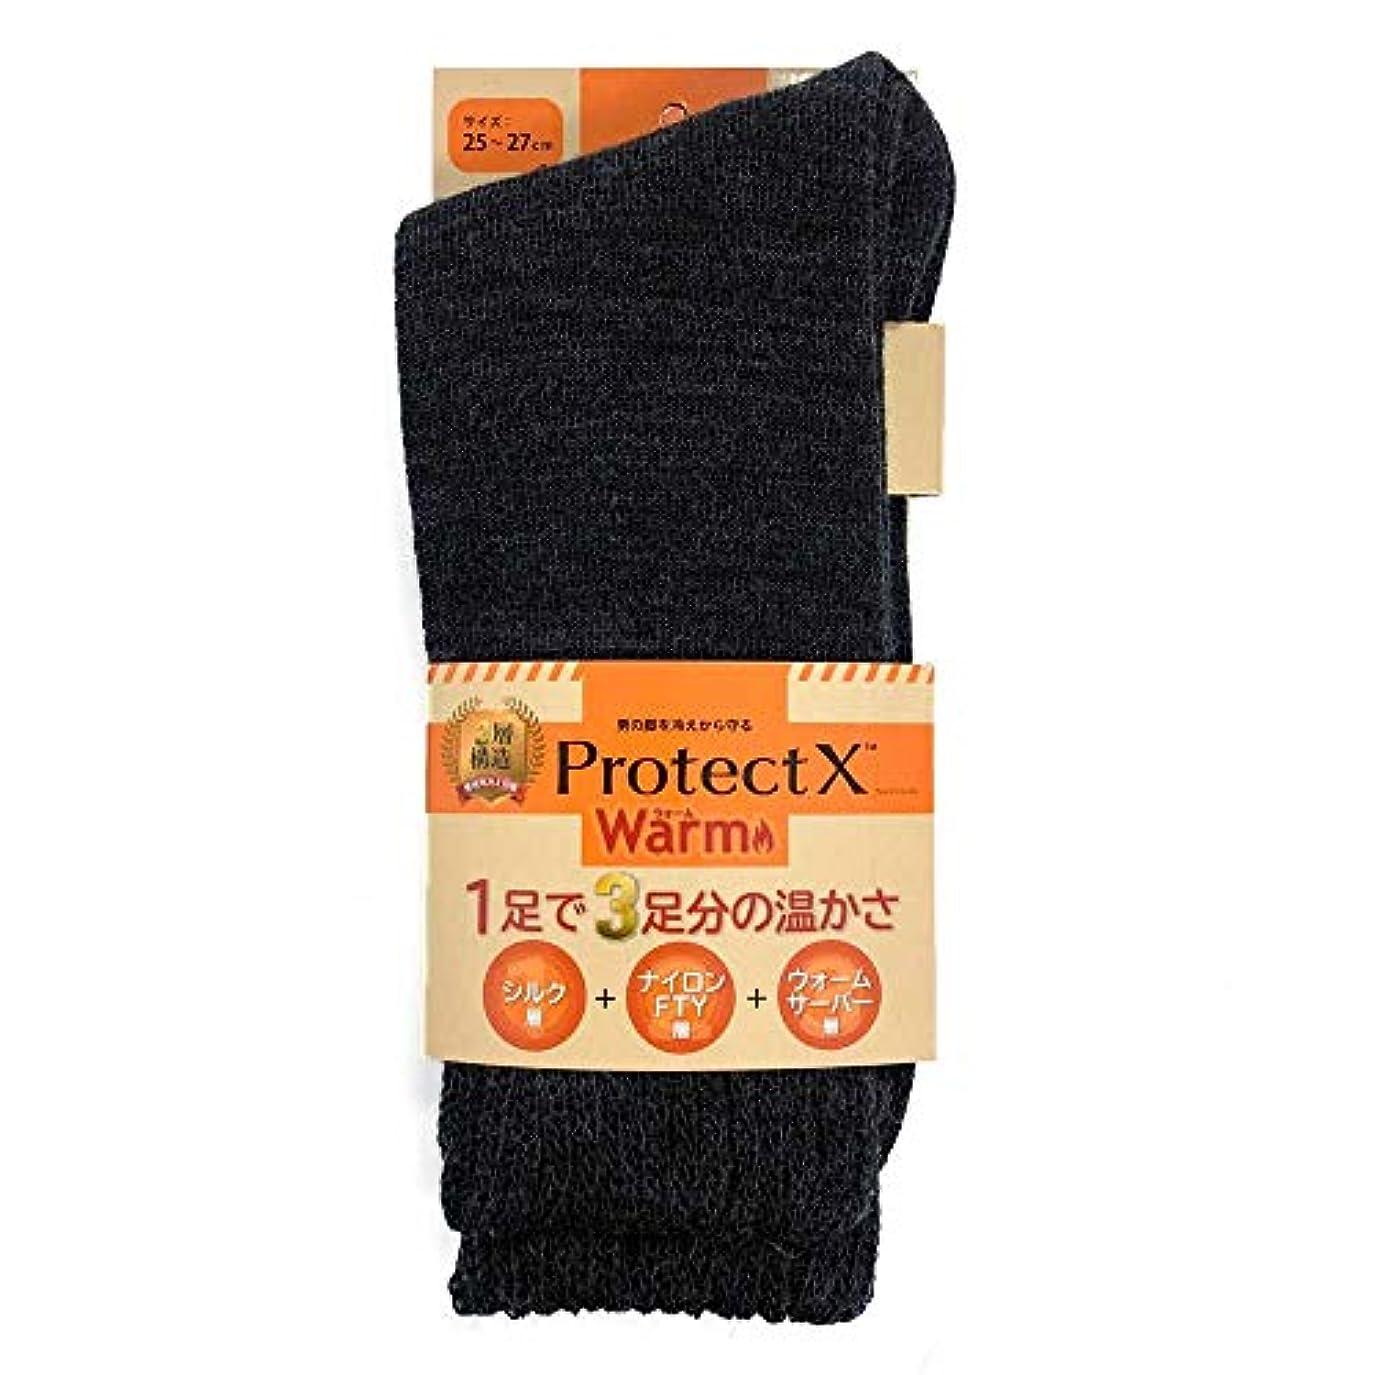 怖い国民ビリー冷え性対策 履き口柔らか 男性用冷え対策 シルク100%(内側) 3層構造 防寒ソックス 25-27cm チャコールグレー